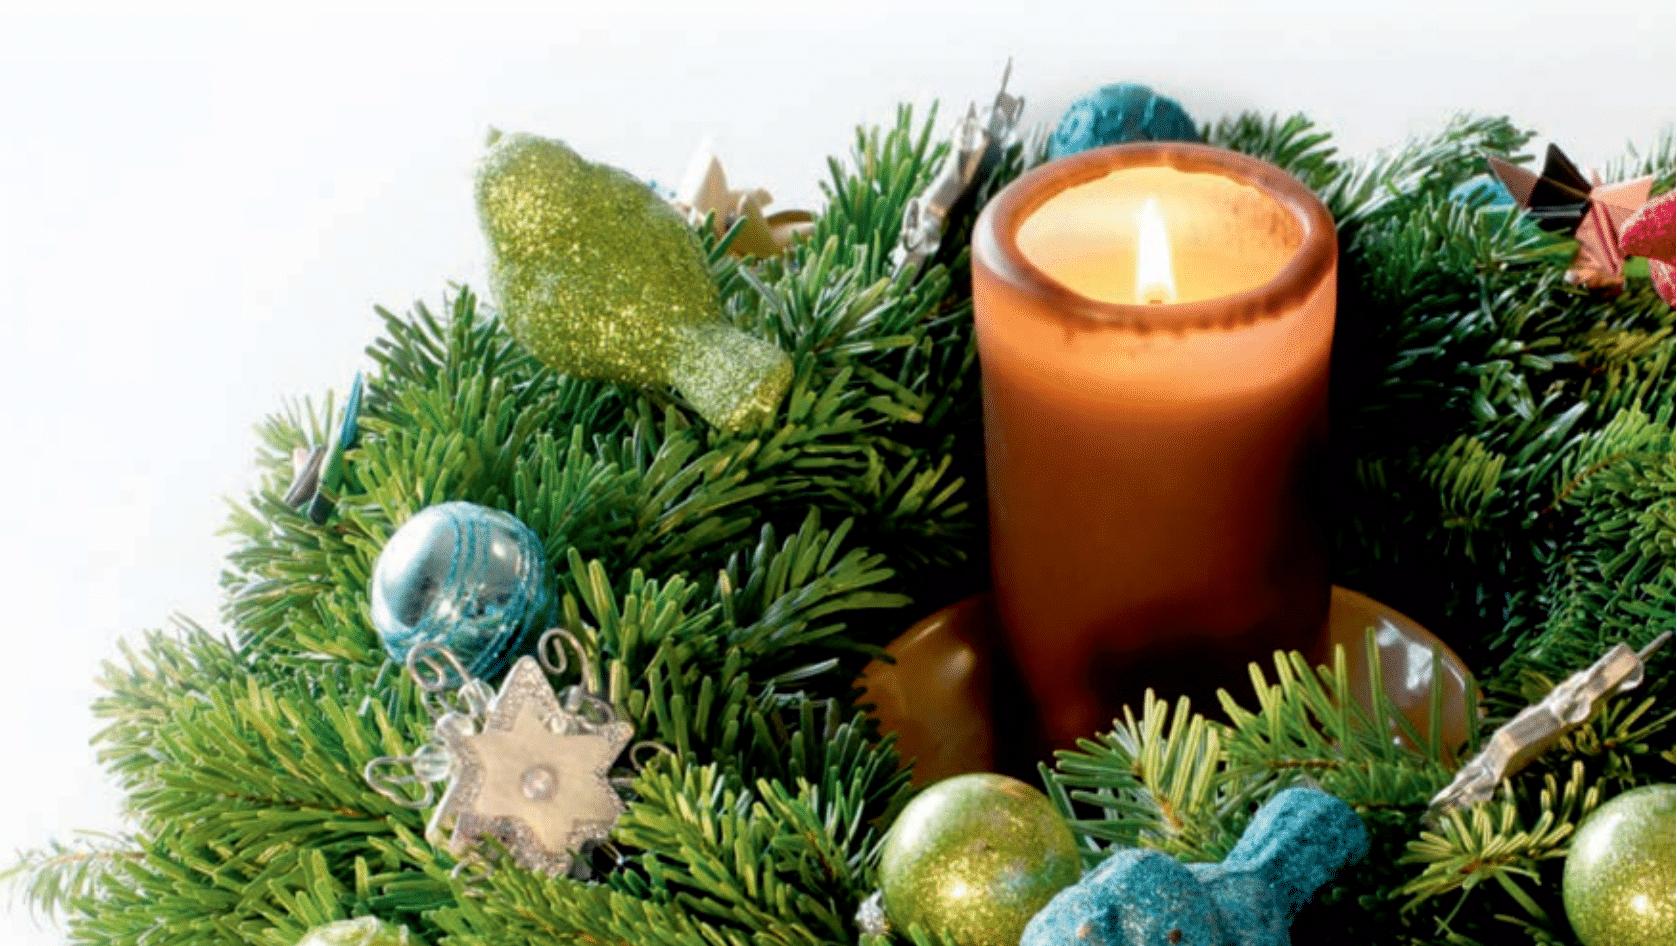 Begleiter durch die Adventszeit